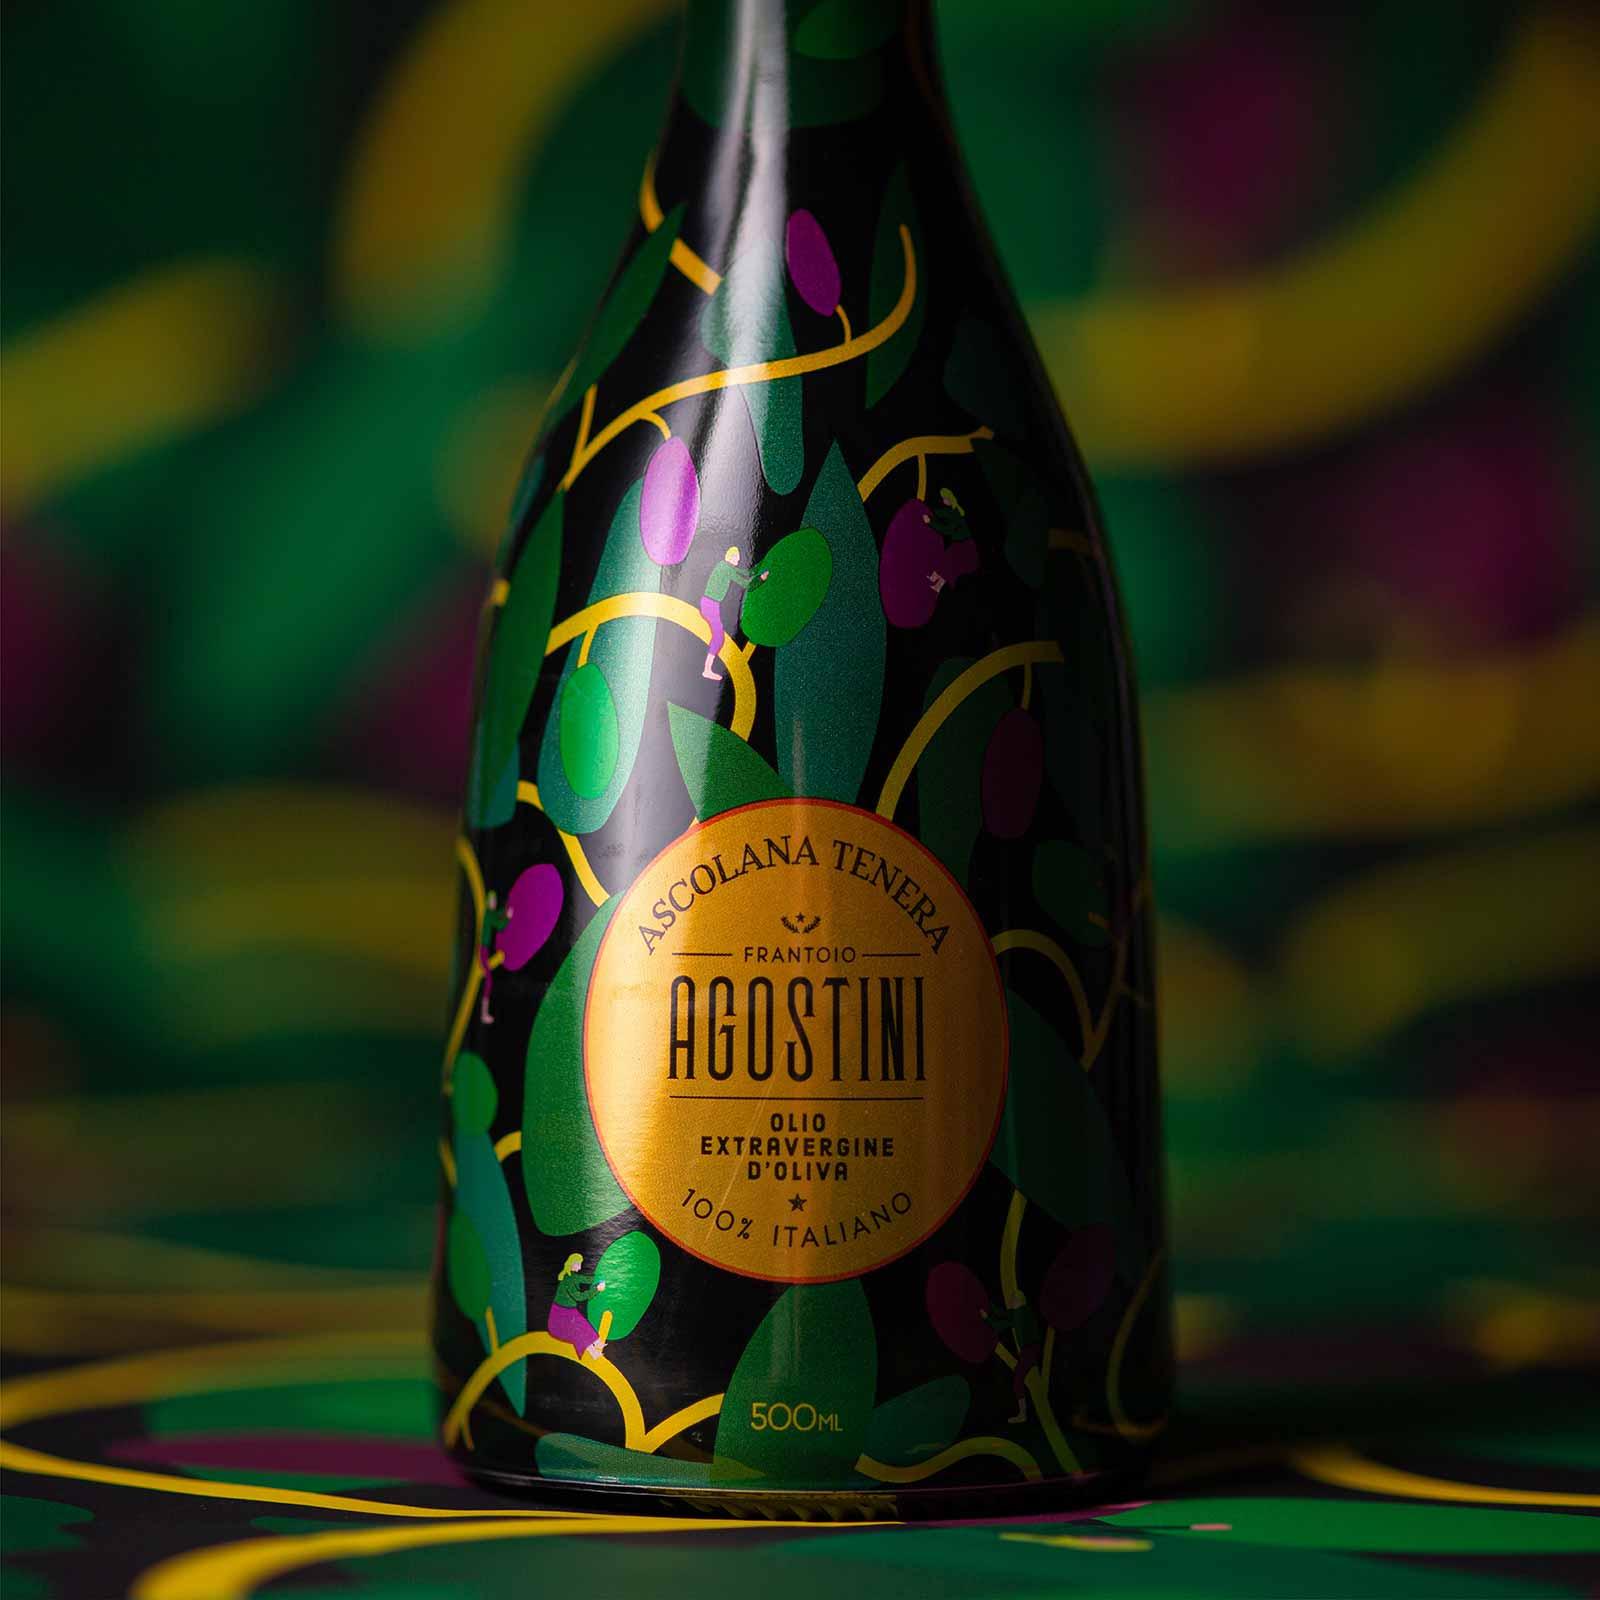 Dispenser - Packaging - Frantoio Agostini Hurticinum